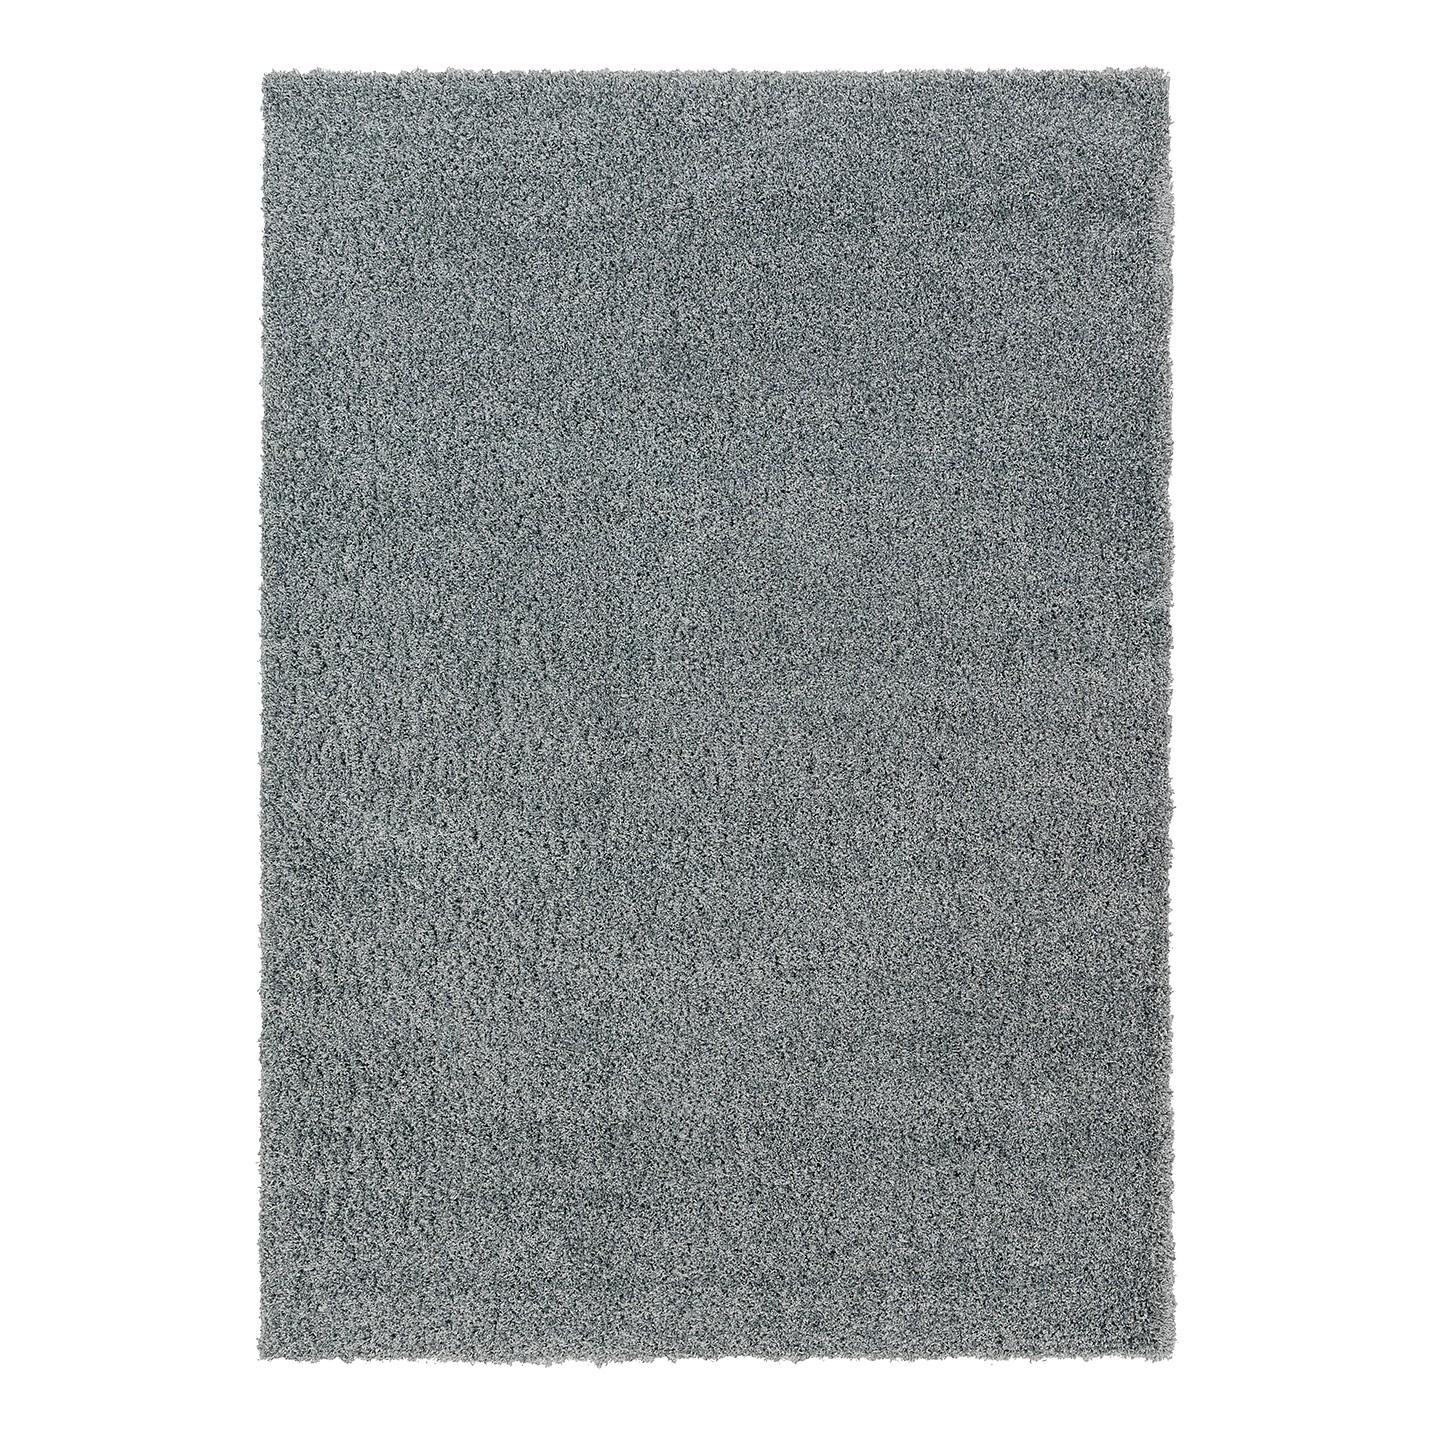 Teppich Energy - Kunstfaser - Silbergrau, Schöner Wohnen Kollektion